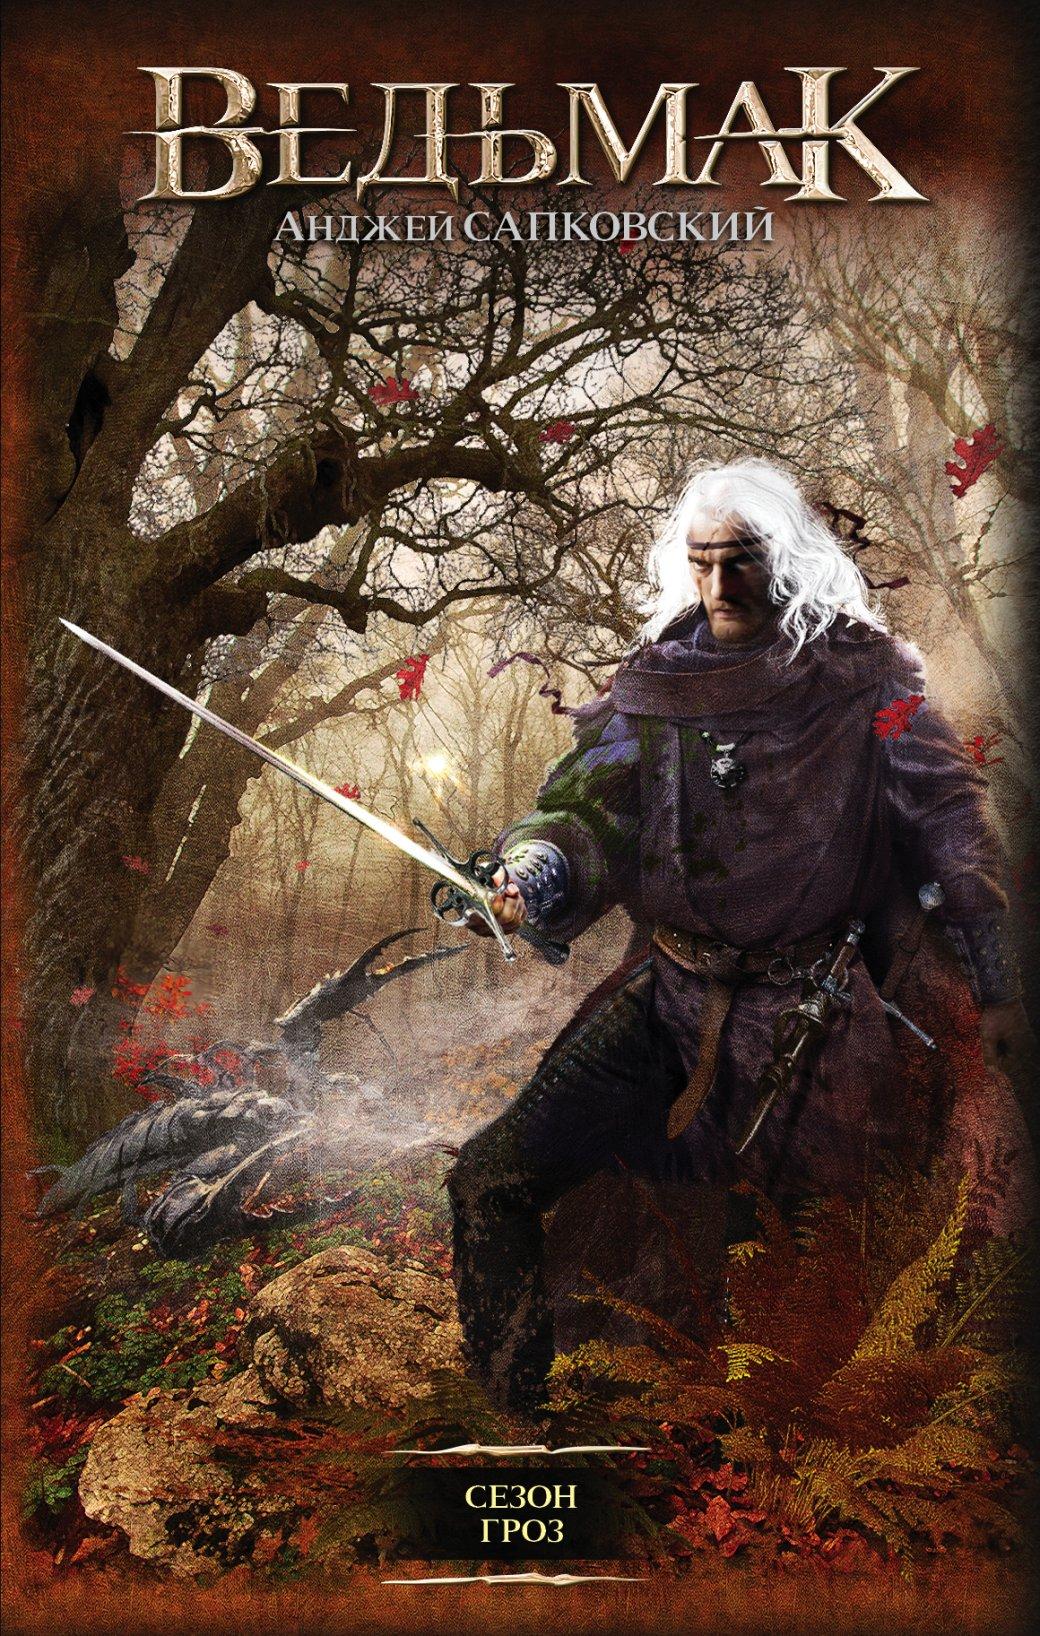 Галерея. Как одни итеже герои «Ведьмака» выглядят виграх, фильме, сериале икнигах | Канобу - Изображение 10567